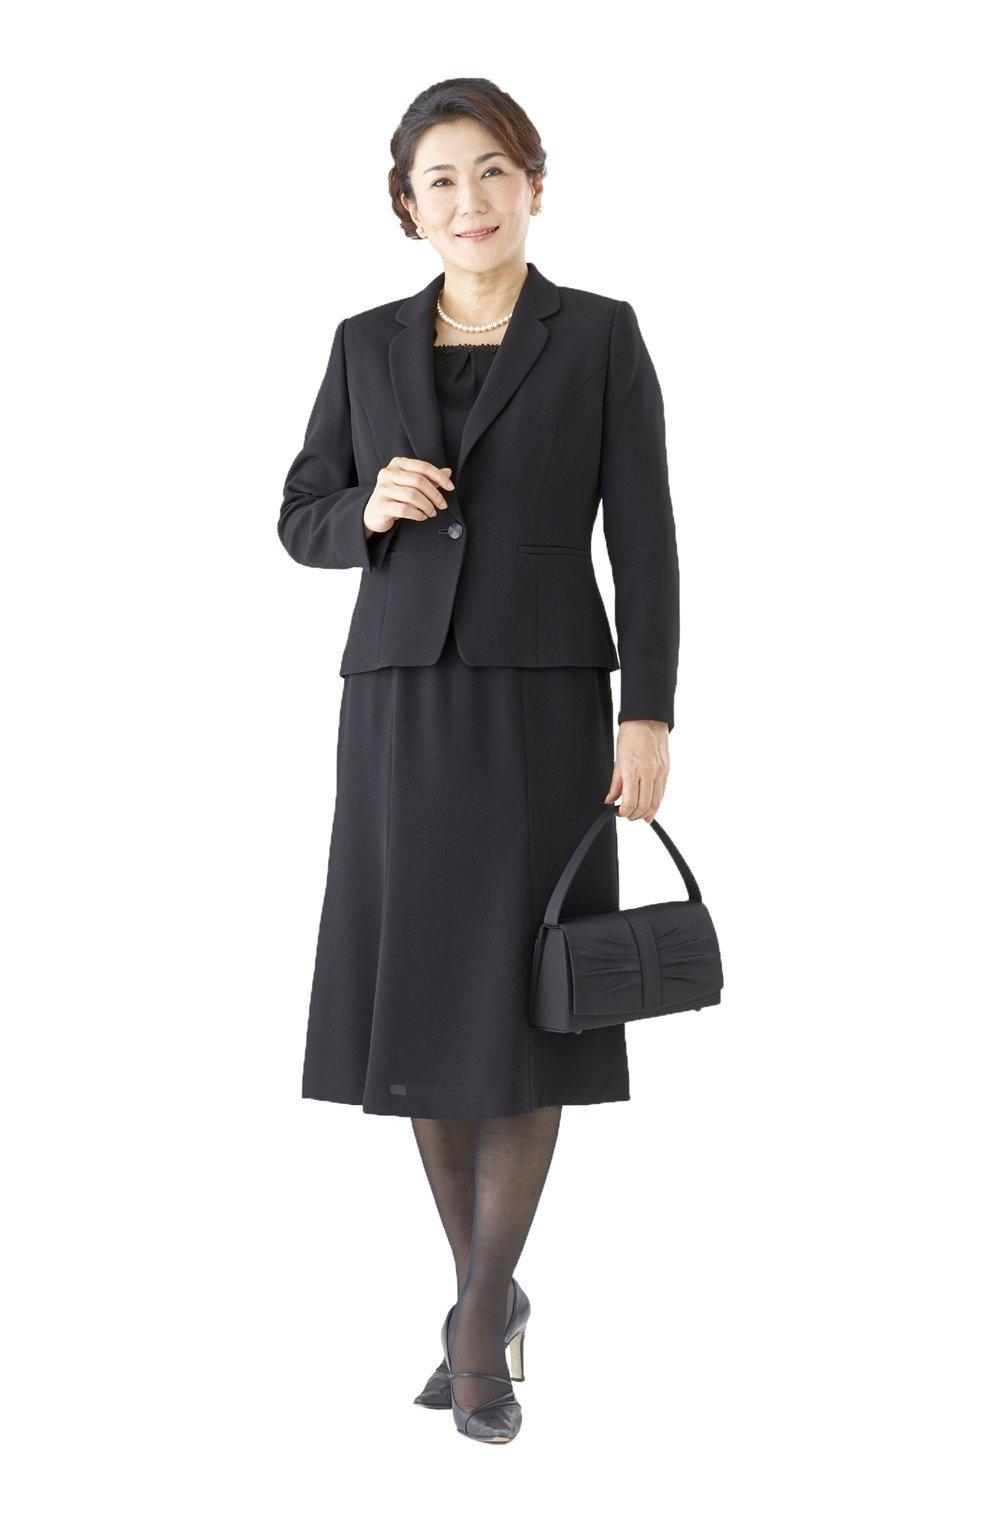 064afa52872a1 (モノワール) MONOIR 喪服 レディース 礼服 大きいサイズ 前開き 授乳 ブラックフォーマル アンサンブル ワンピース